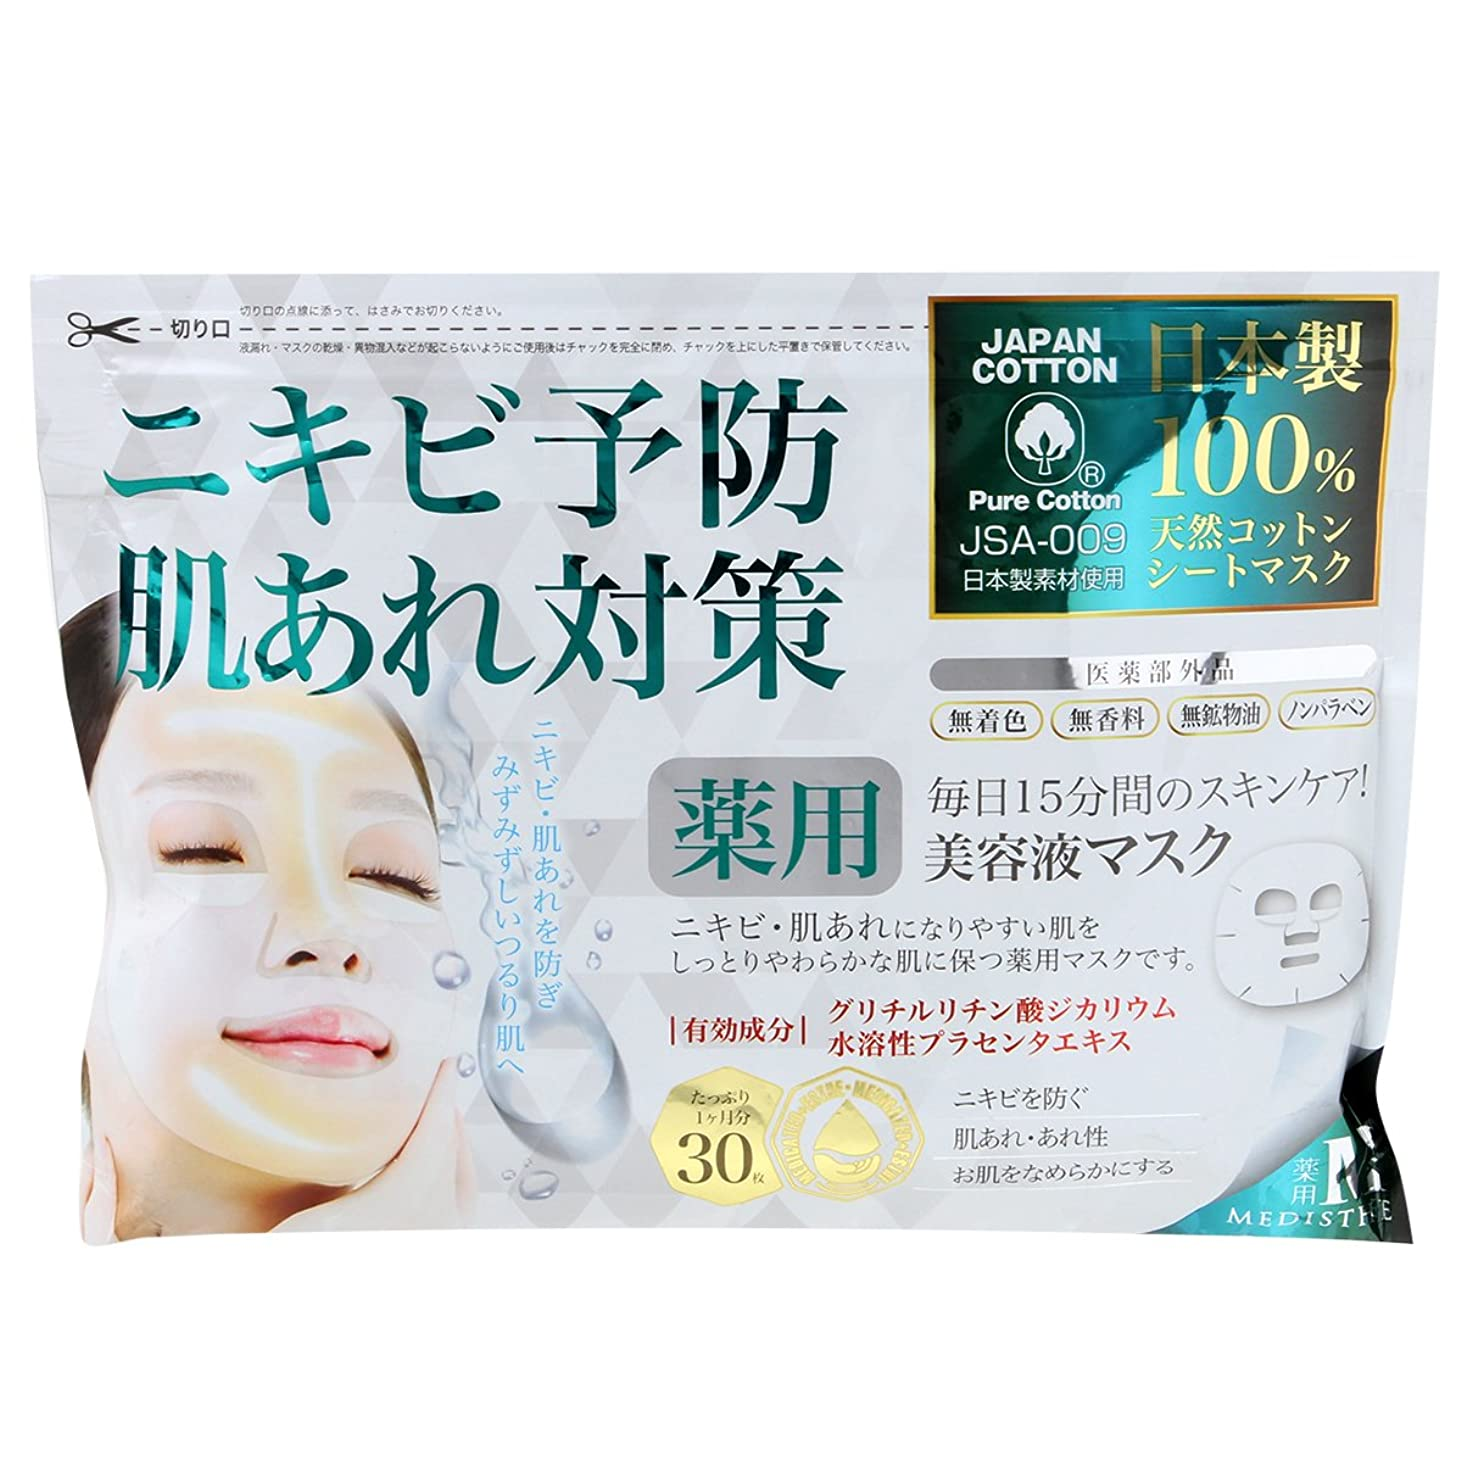 おおじいちゃんサーキュレーション[ 医薬部外品 ] 薬用 NI-KIBI (ニキビ予防) シートマスク 30枚 [ にきび 肌荒れ対策 シートパック フェイスマスク フェイスシート フェイスパック フェイシャルマスク フェイシャルシート フェイシャルパック ローションマスク 顔パック ]